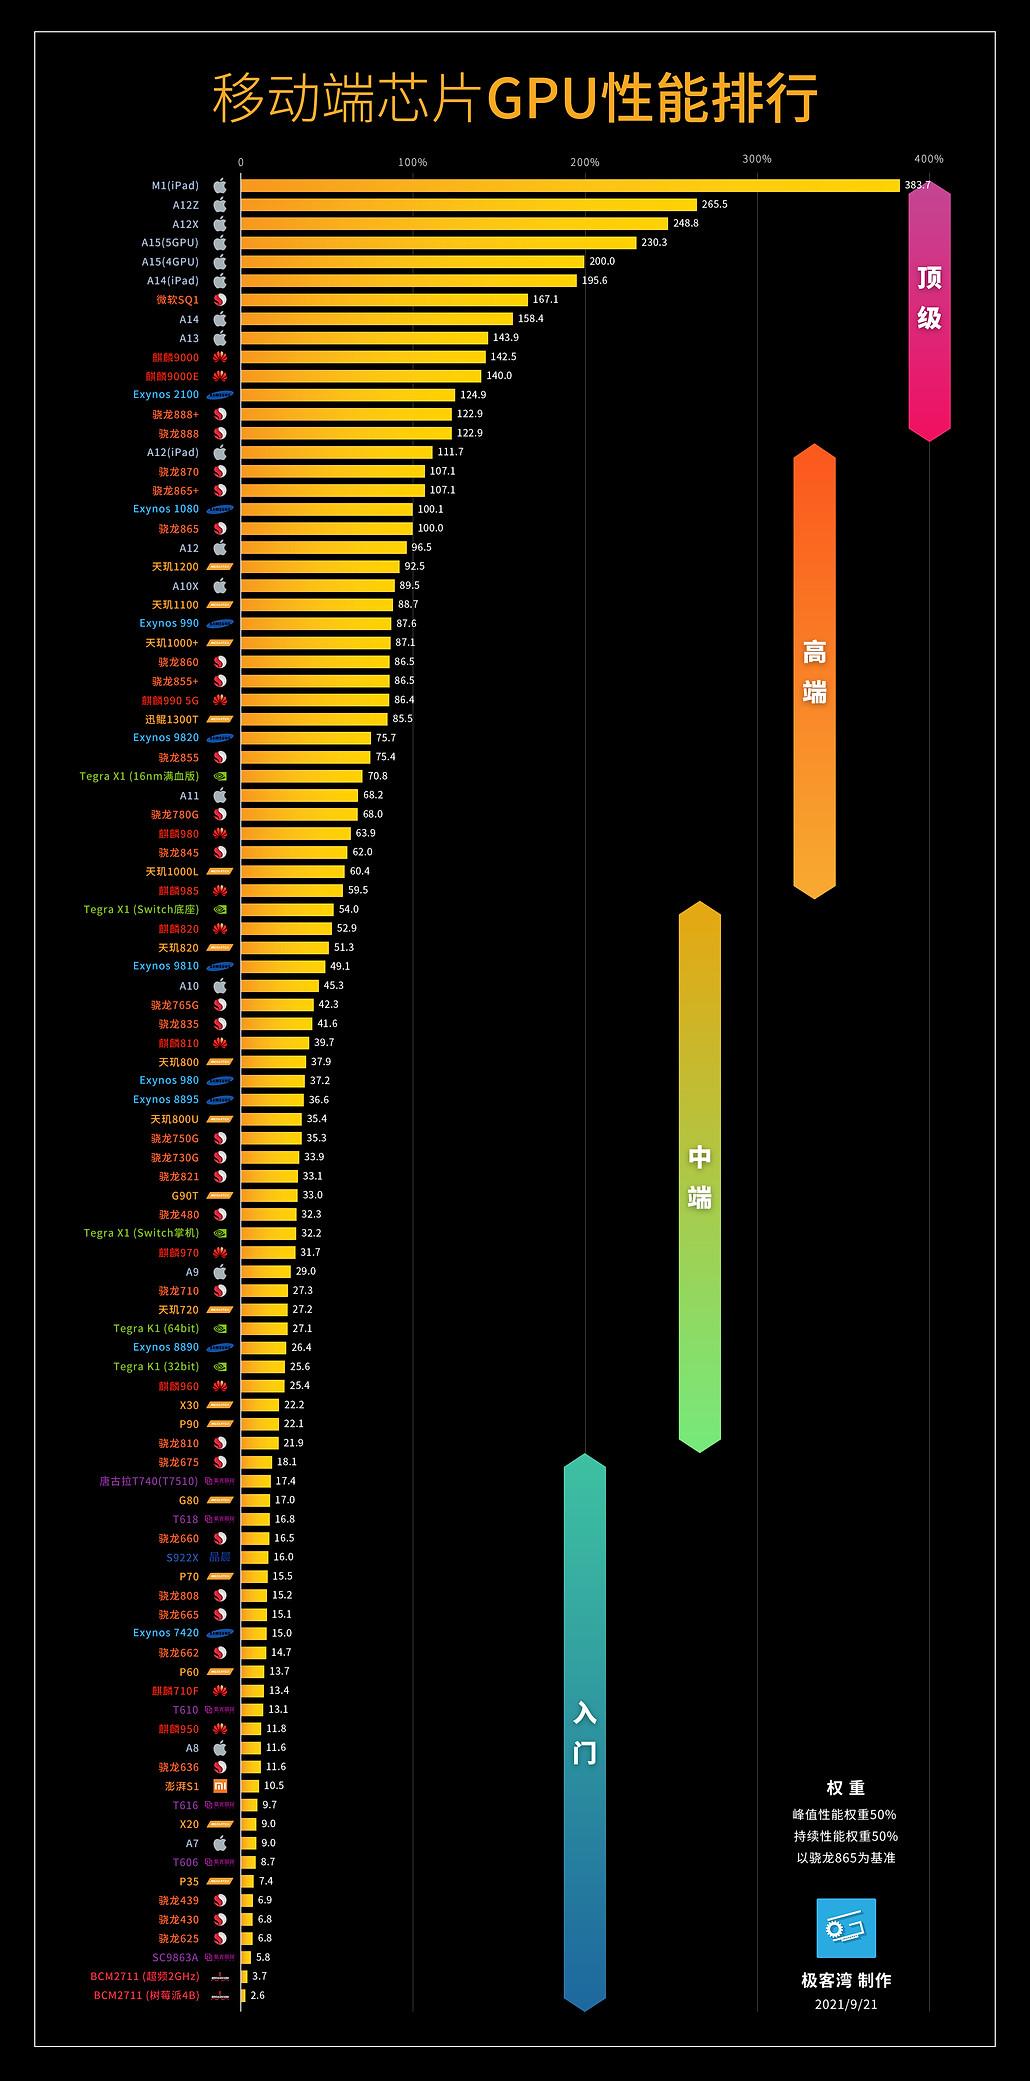 移动芯片GPU天梯图.jpg